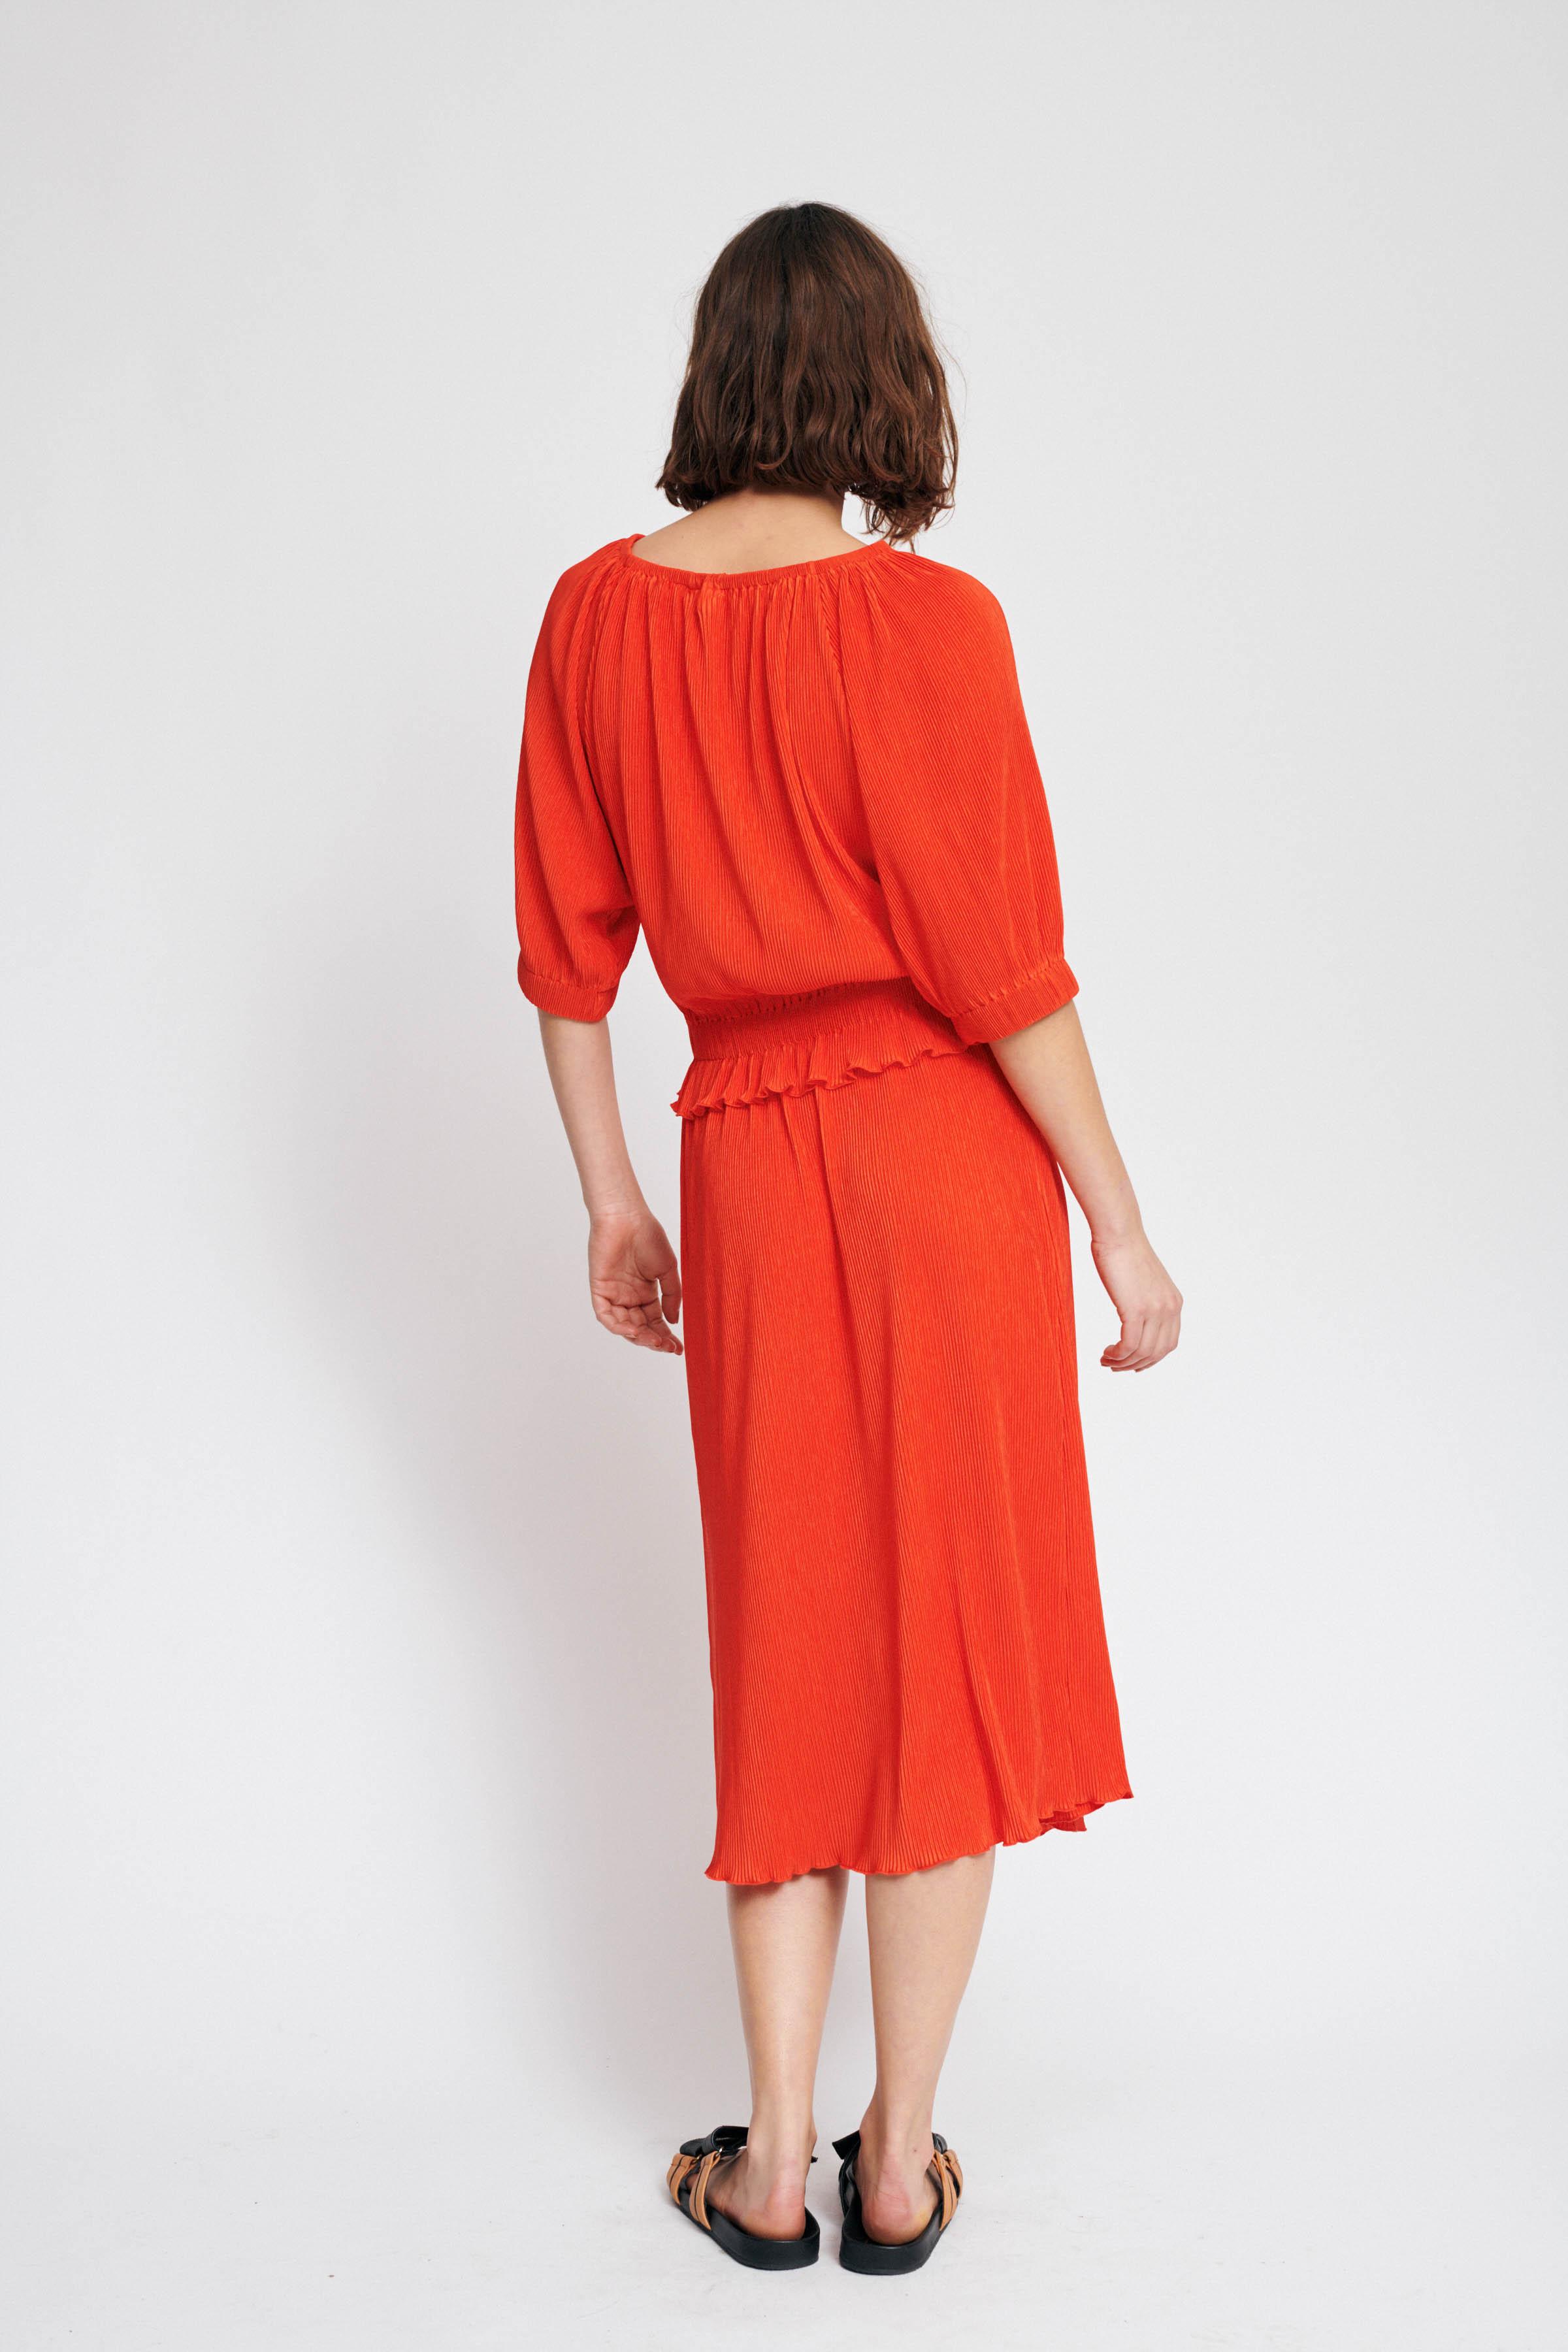 Blood Orange Jerseykjole – Køb Blood Orange Jerseykjole fra str. XXS-XXL her